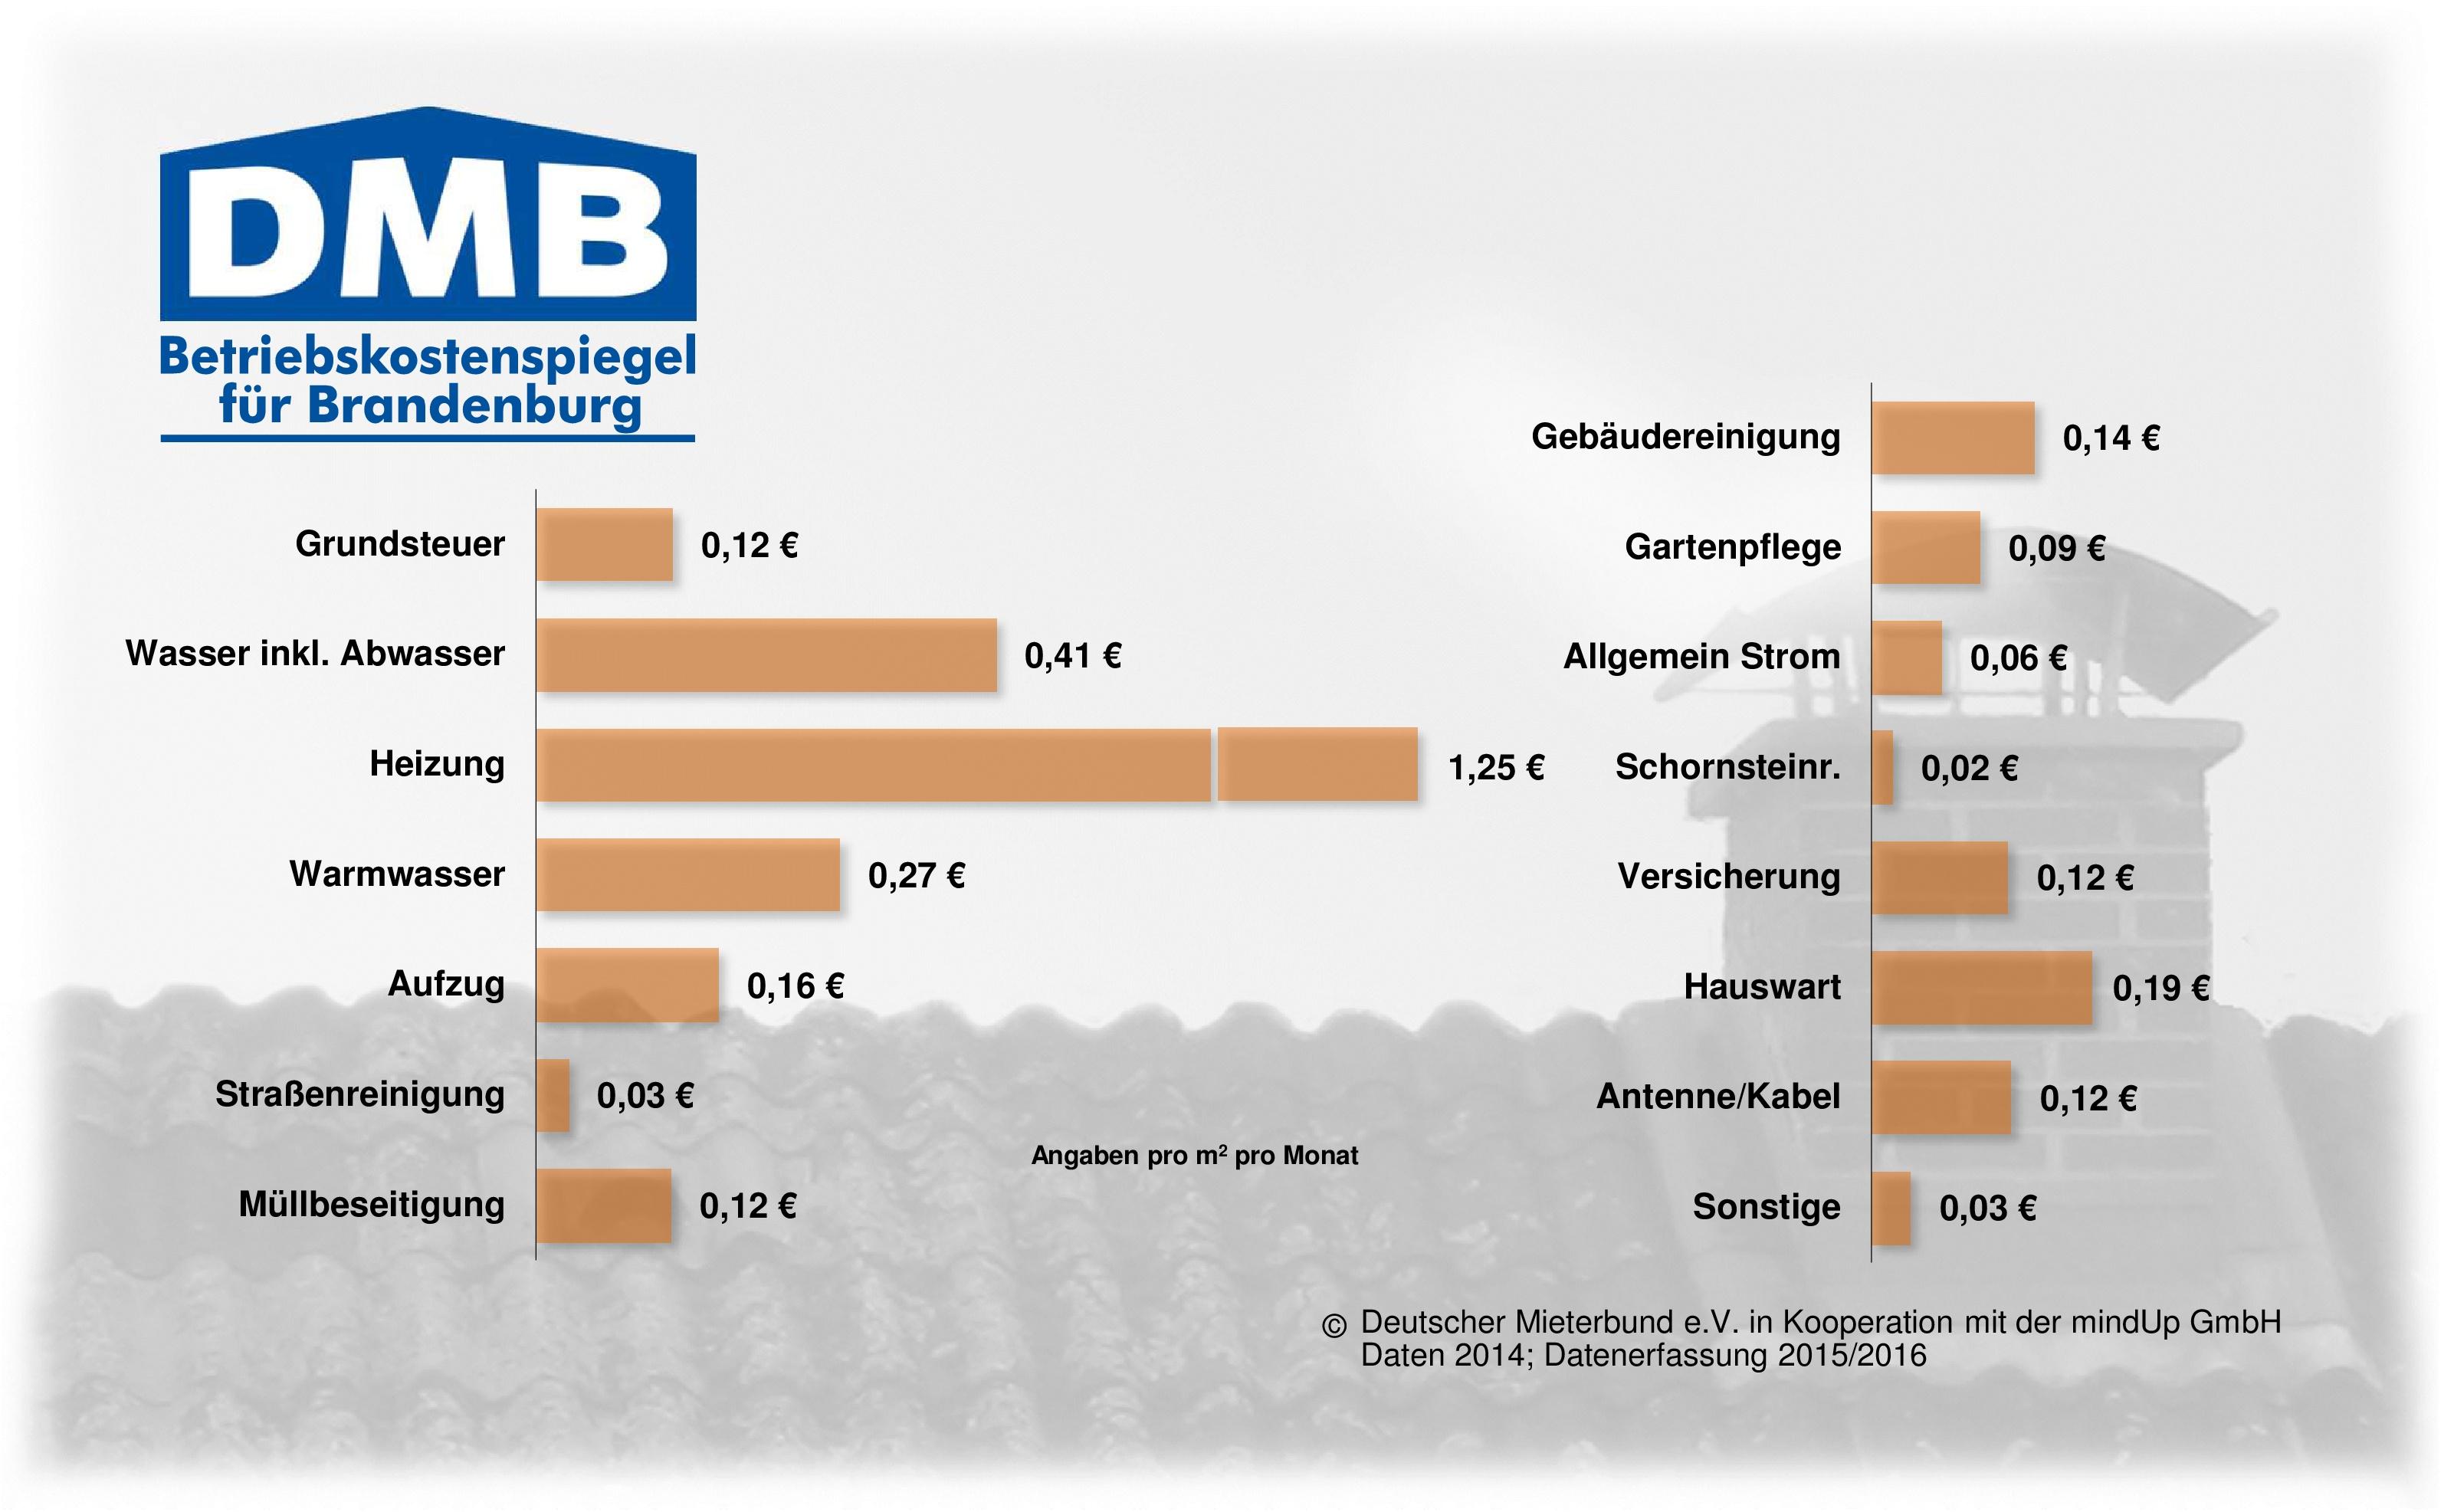 Betriebskostenspiegel Land Brandenburg 2014